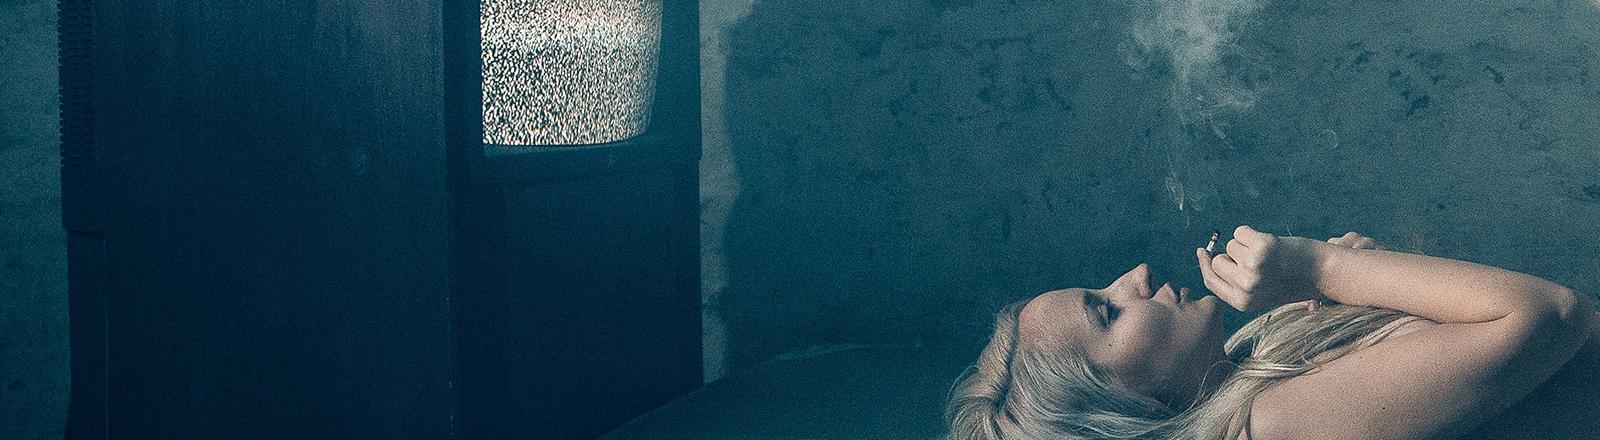 Frau liegt rauchend auf Matraze vor einem alten Fernseher ohne Empfang.